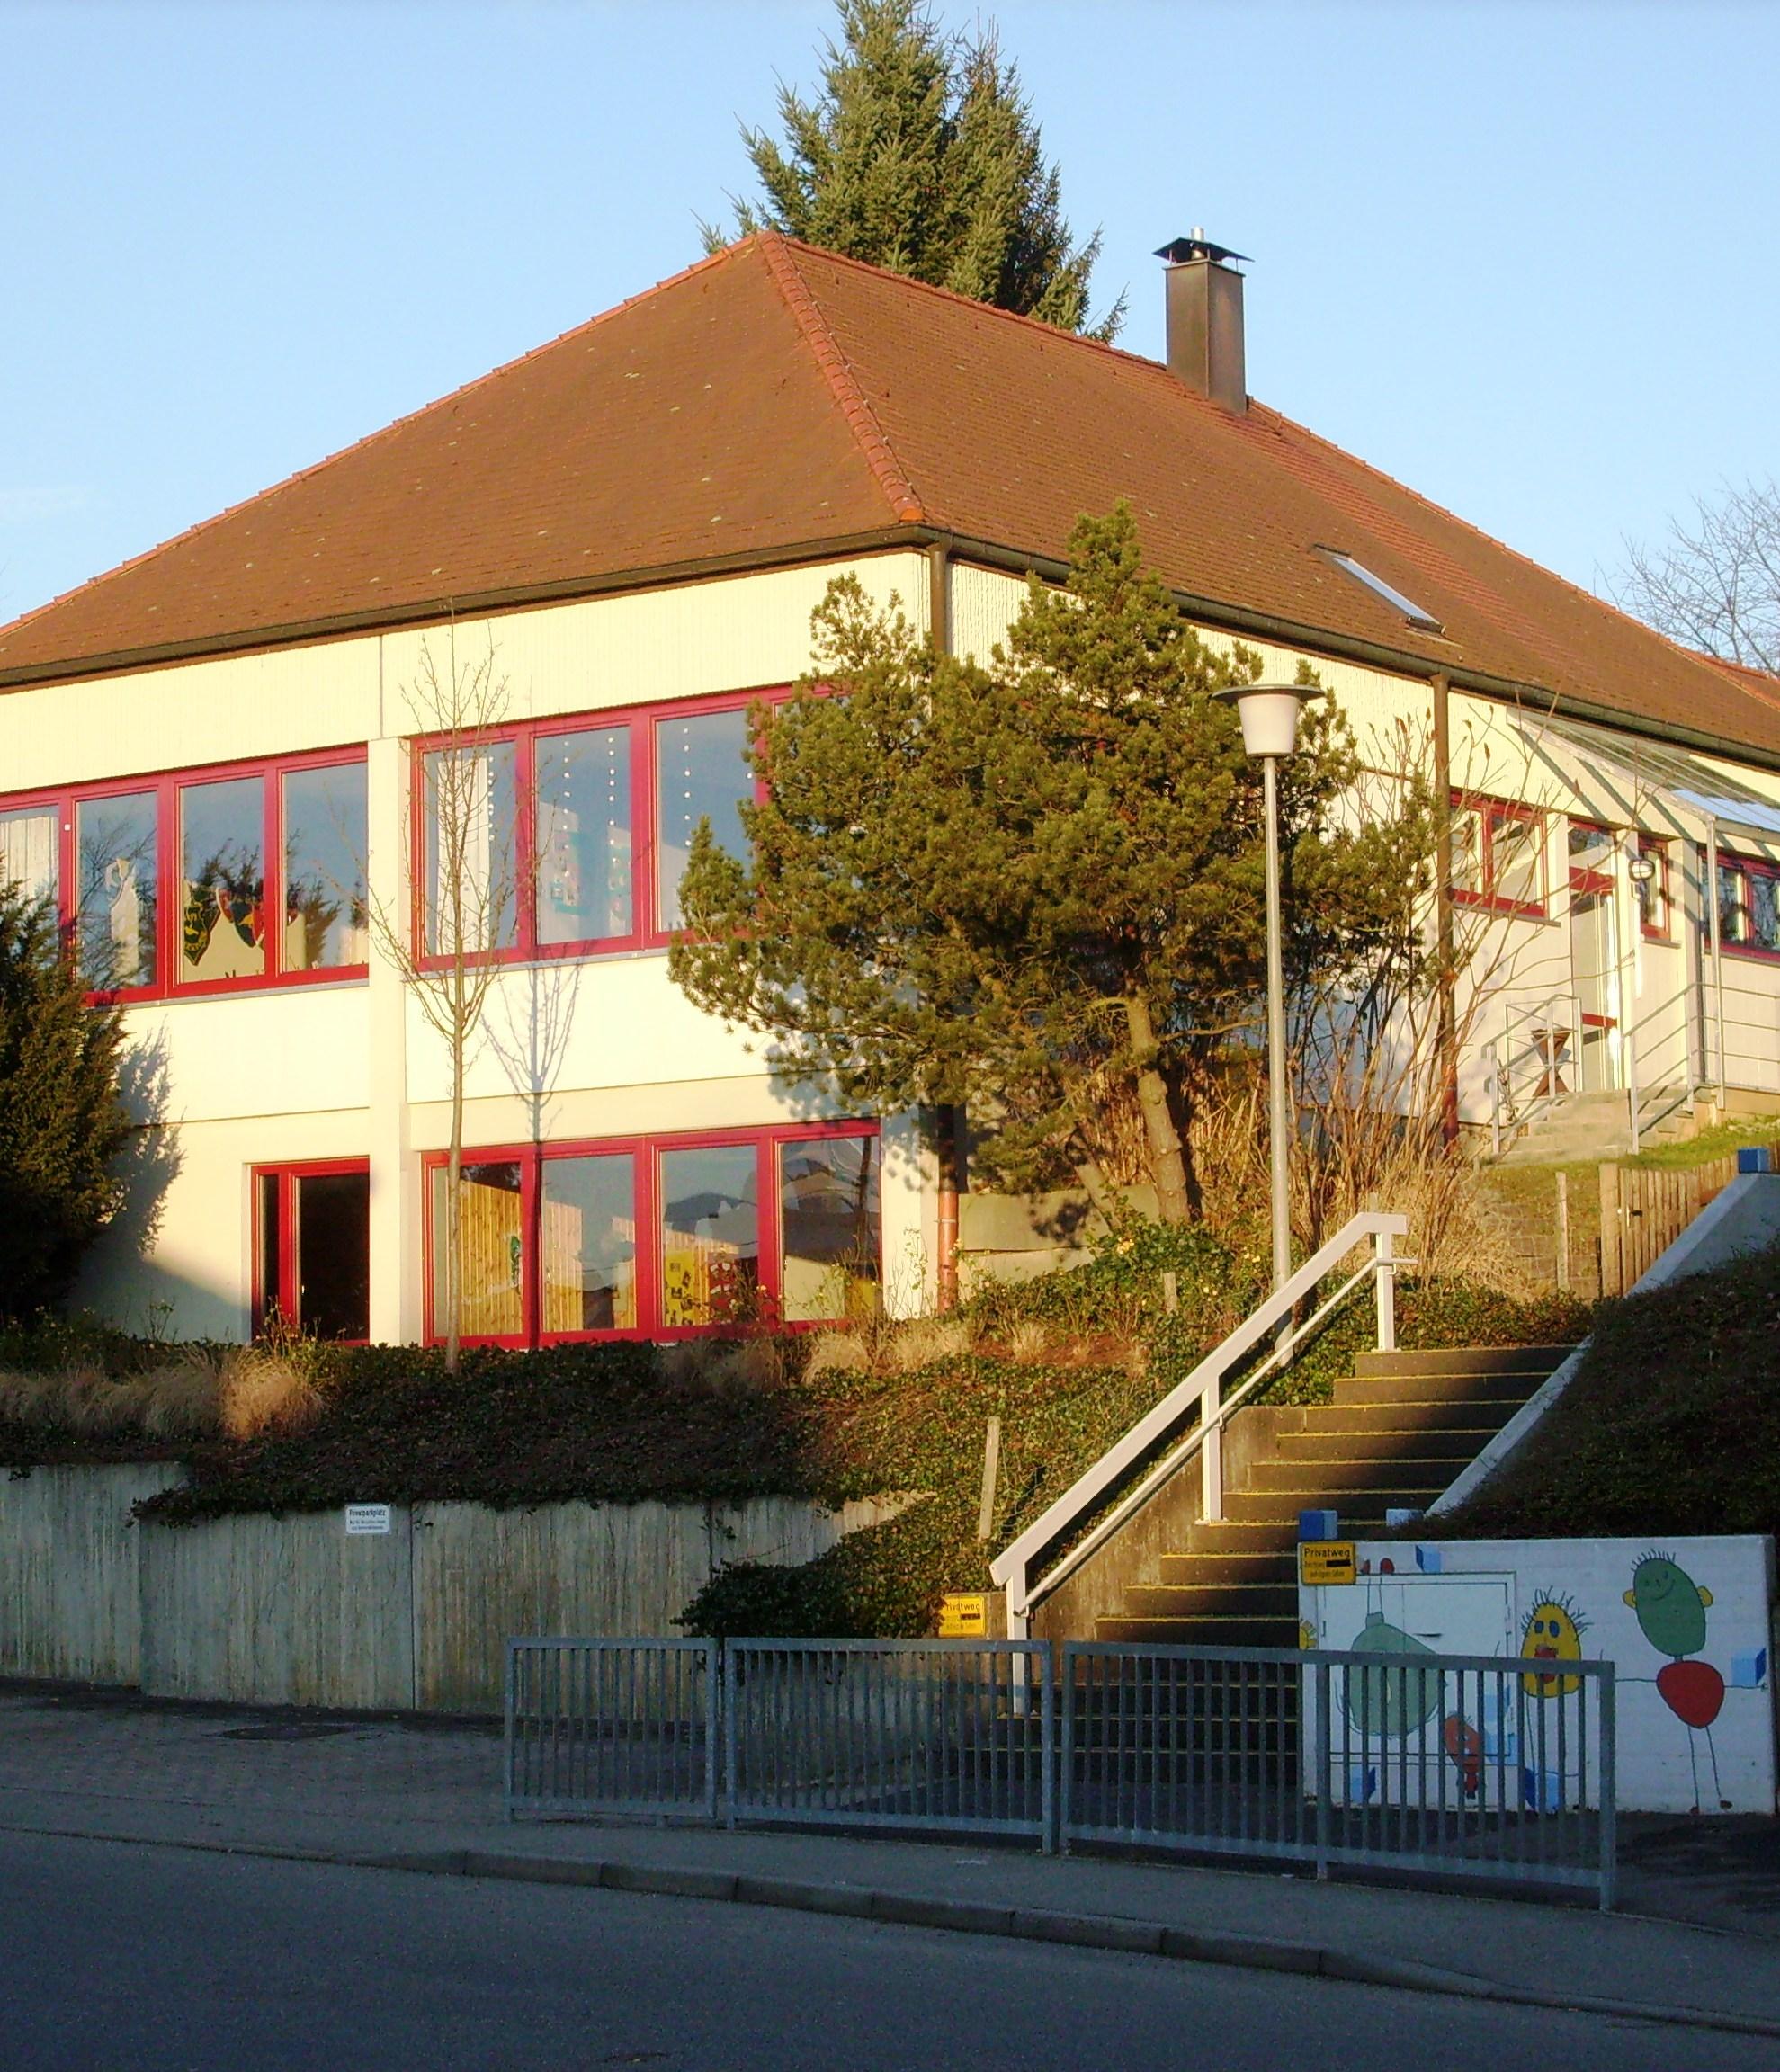 Evangelisches Gemeindehaus Weiler